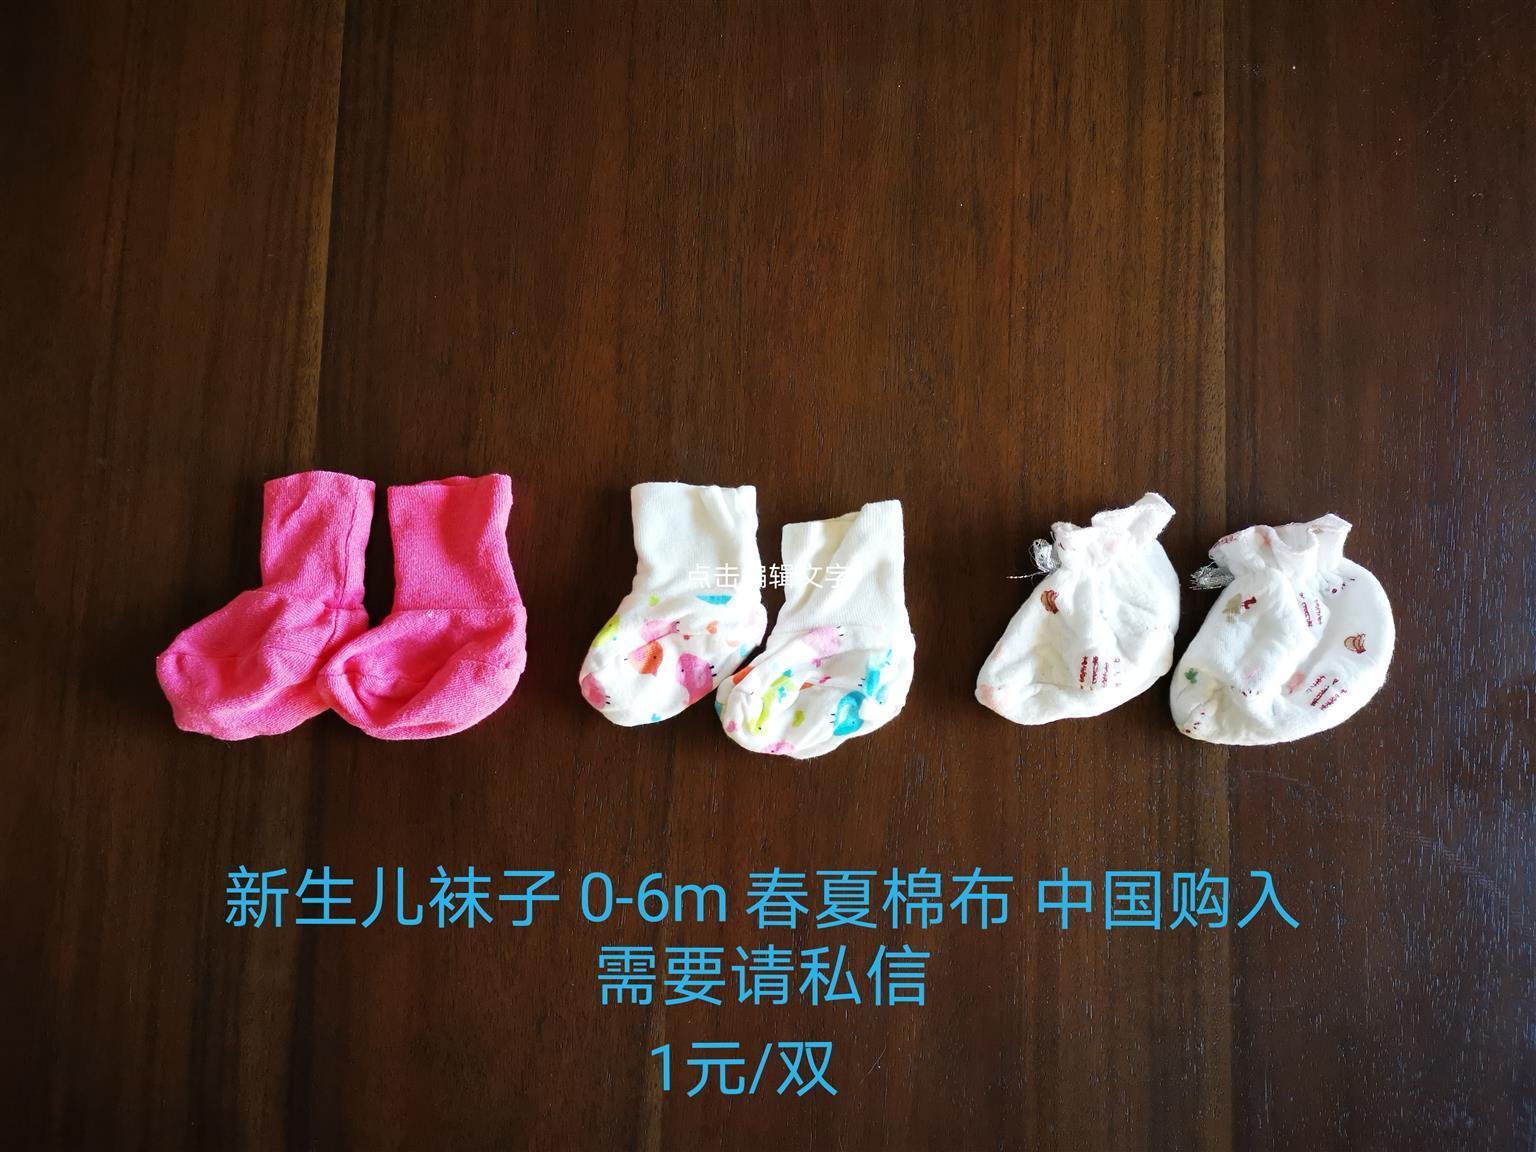 baby socks/ 0-6m/ summer/ winter